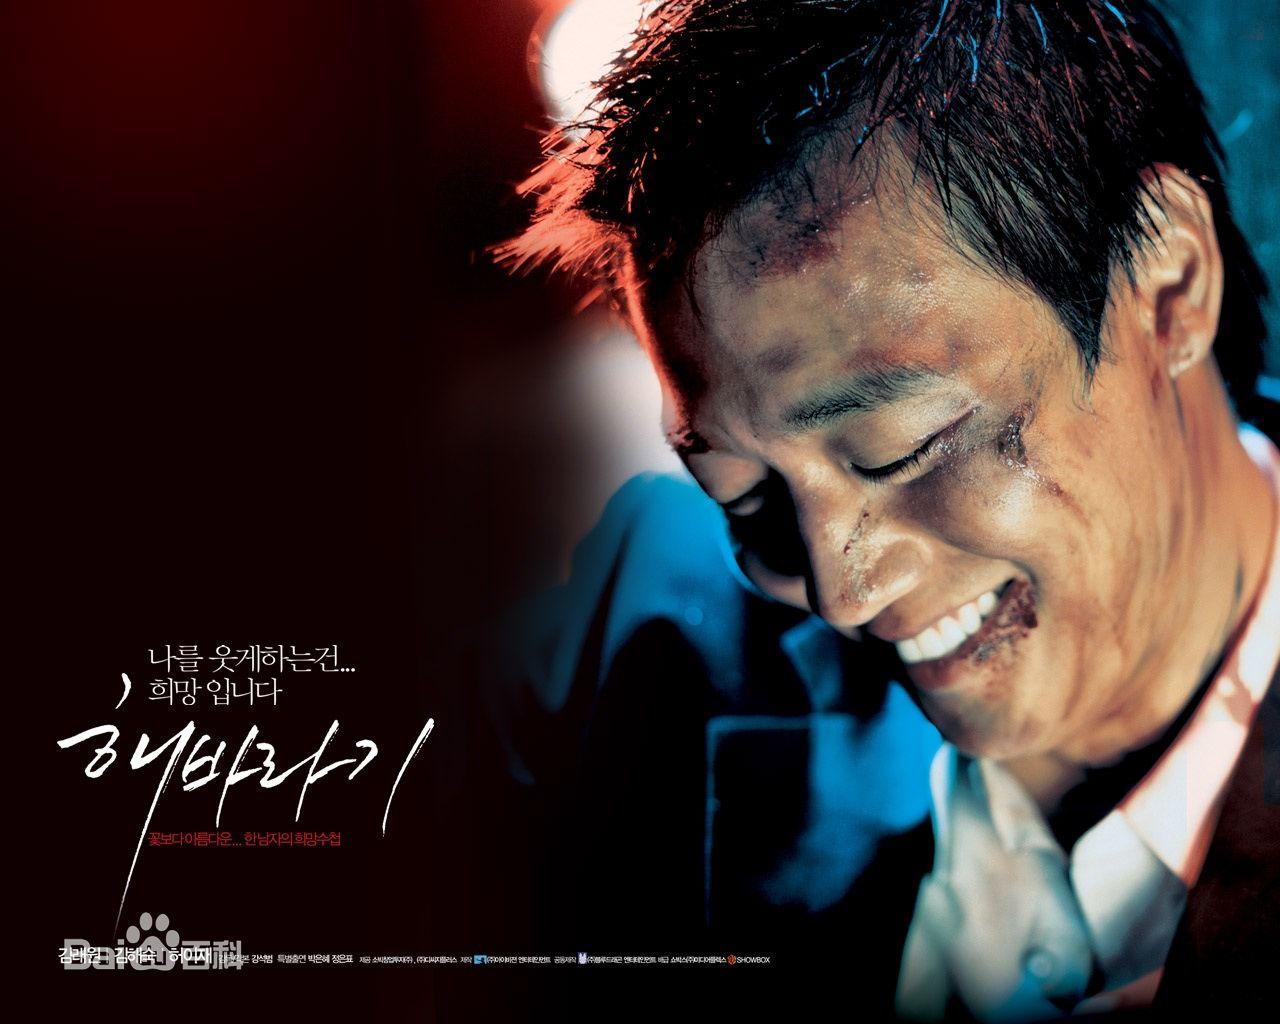 关于一个韩国电影讲述了一个电影被一个老作文强奸的男人叫英语女人最好的电影院图片